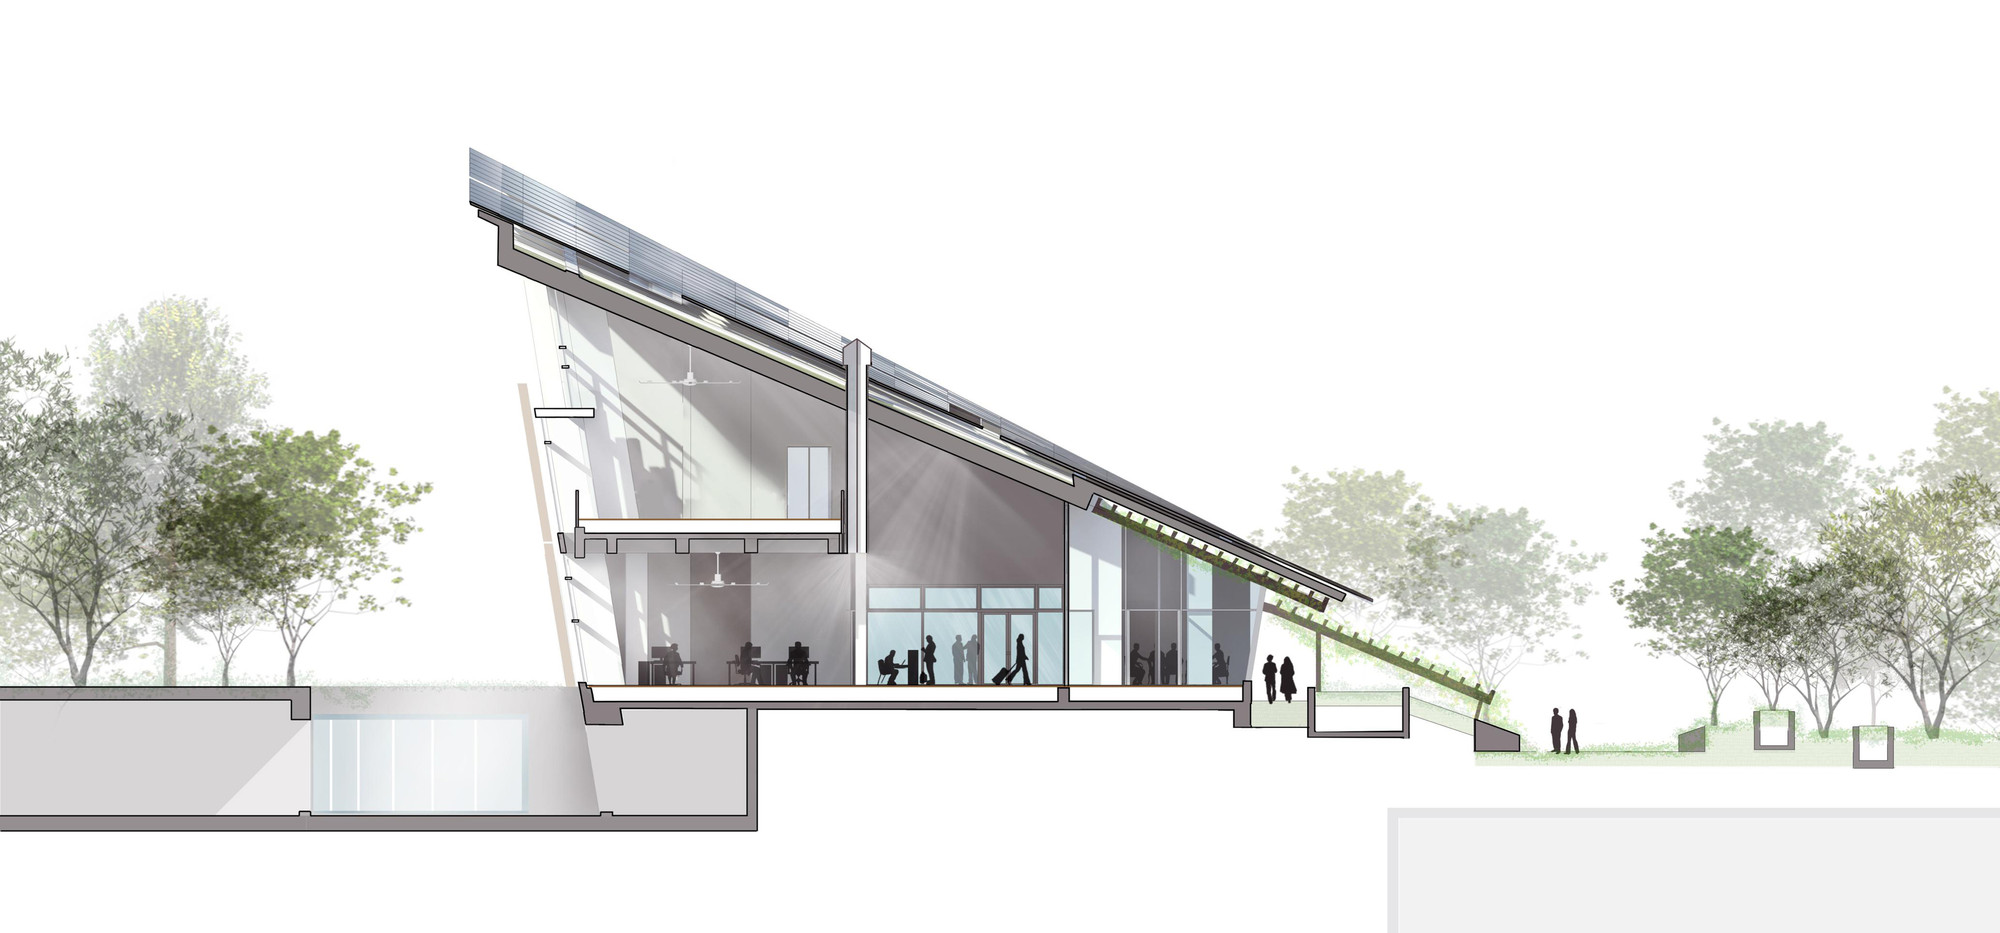 Low Carbon Emission When Building A House